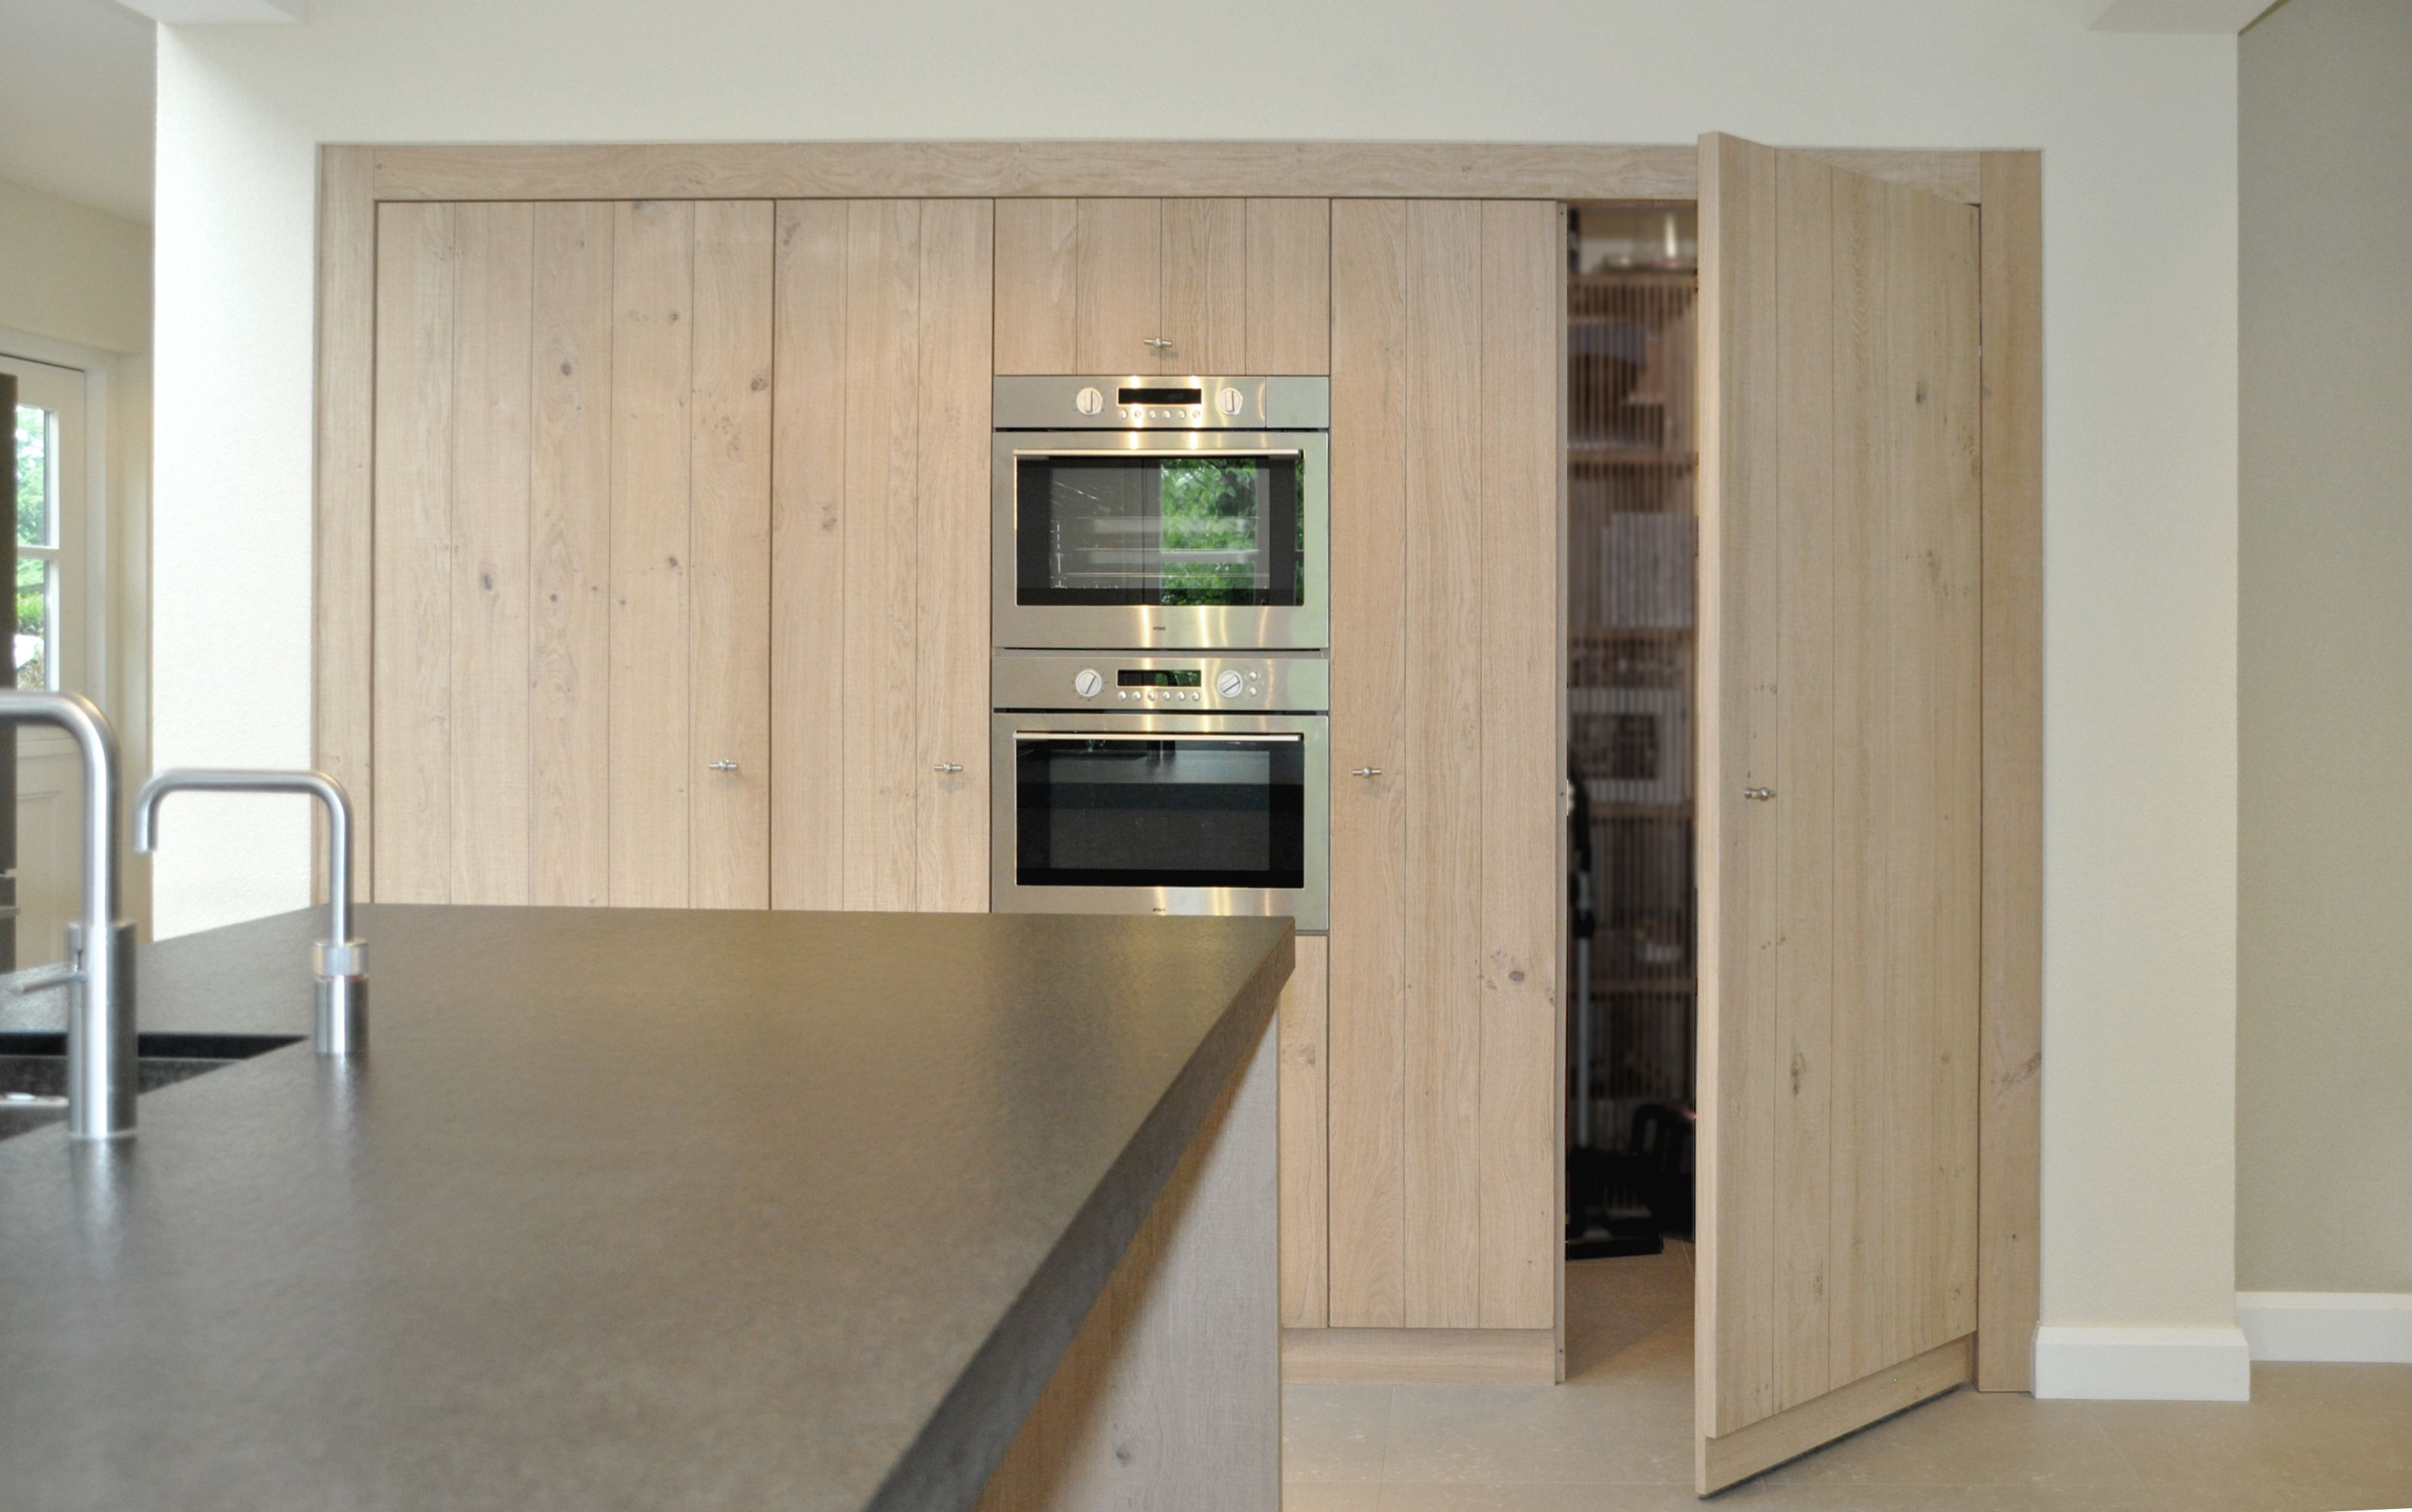 Keukenkast Zonder Deur : Verborgen deur in kastenwand keuken herijgers droomhuis